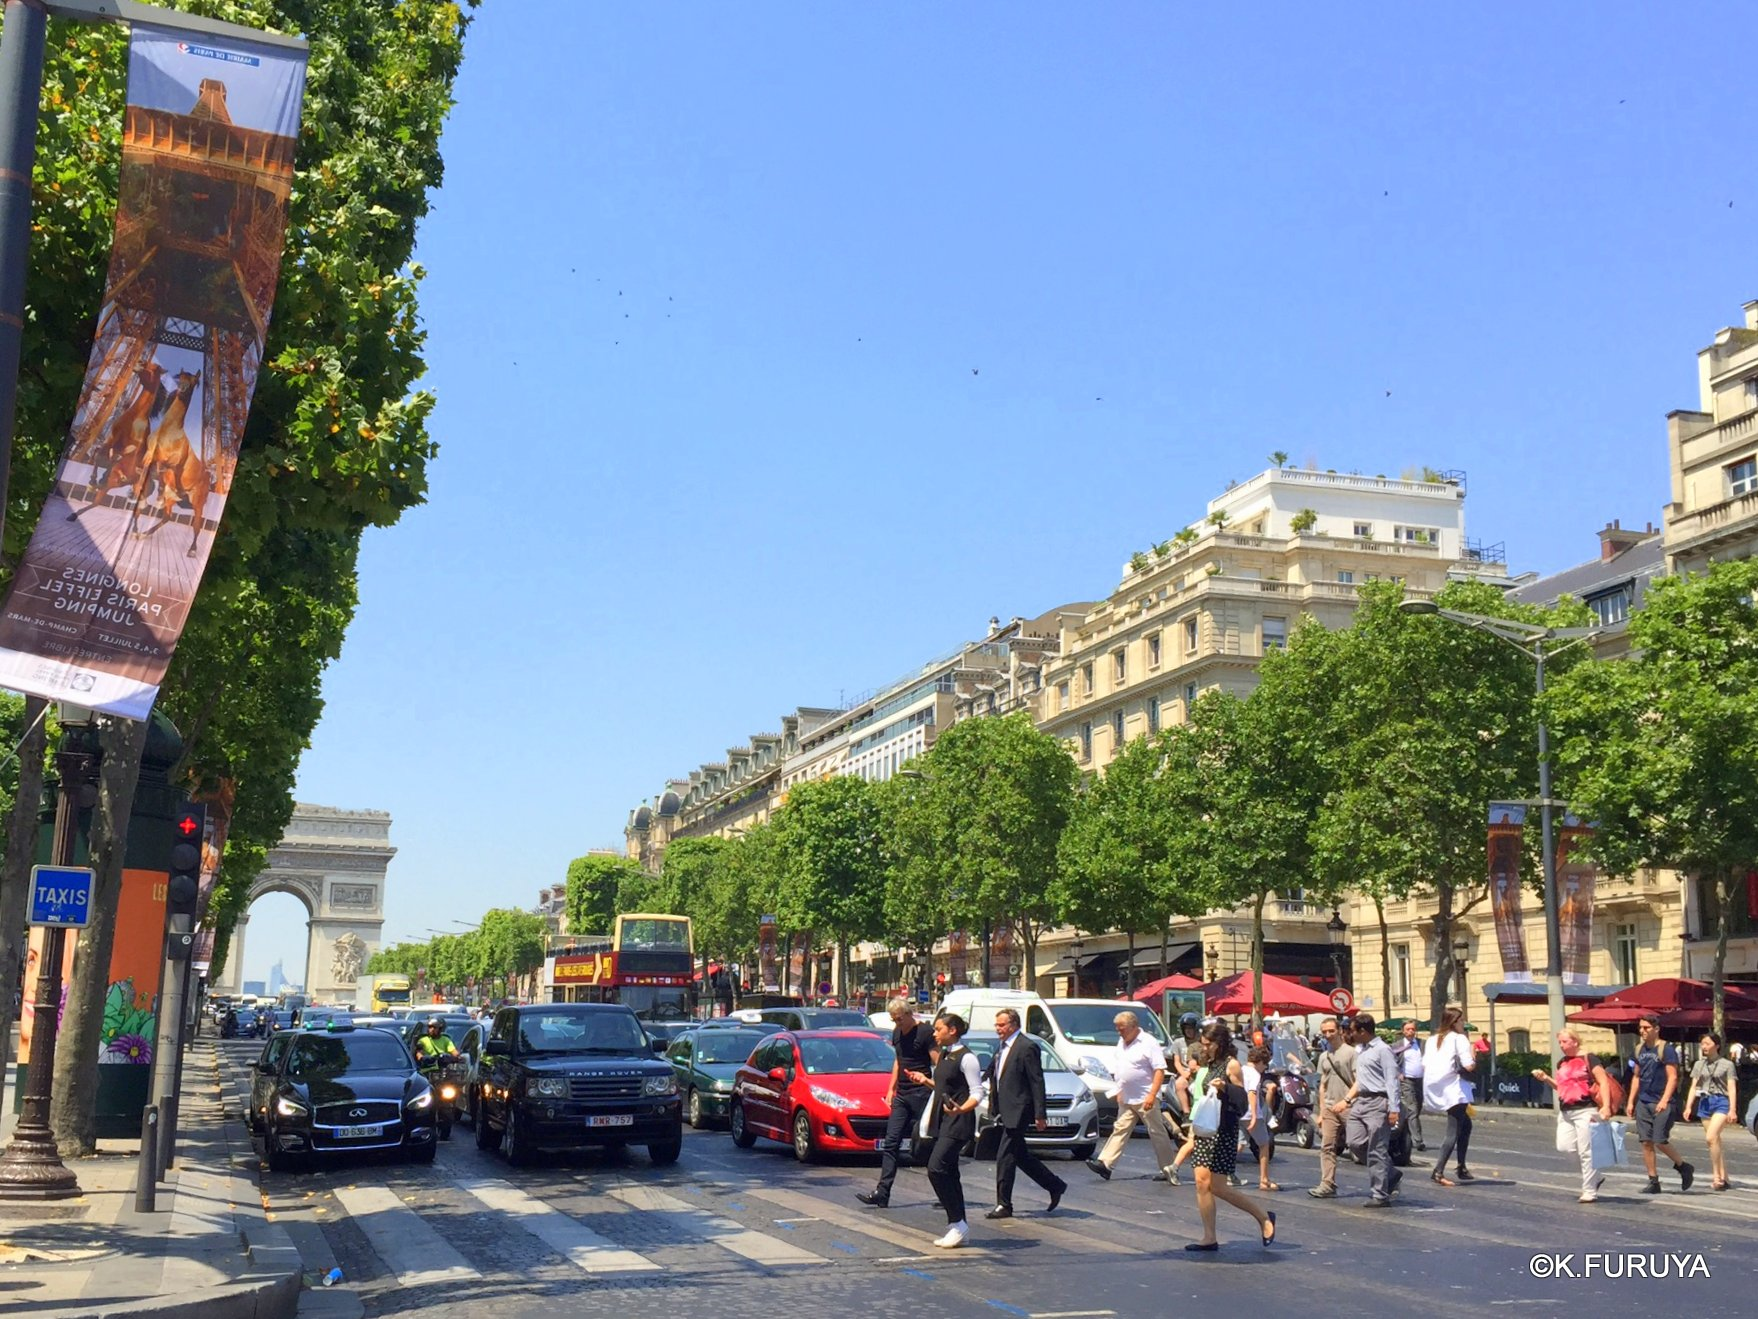 フランス周遊の旅 27 パリはあっつかった~!_a0092659_23112588.jpg